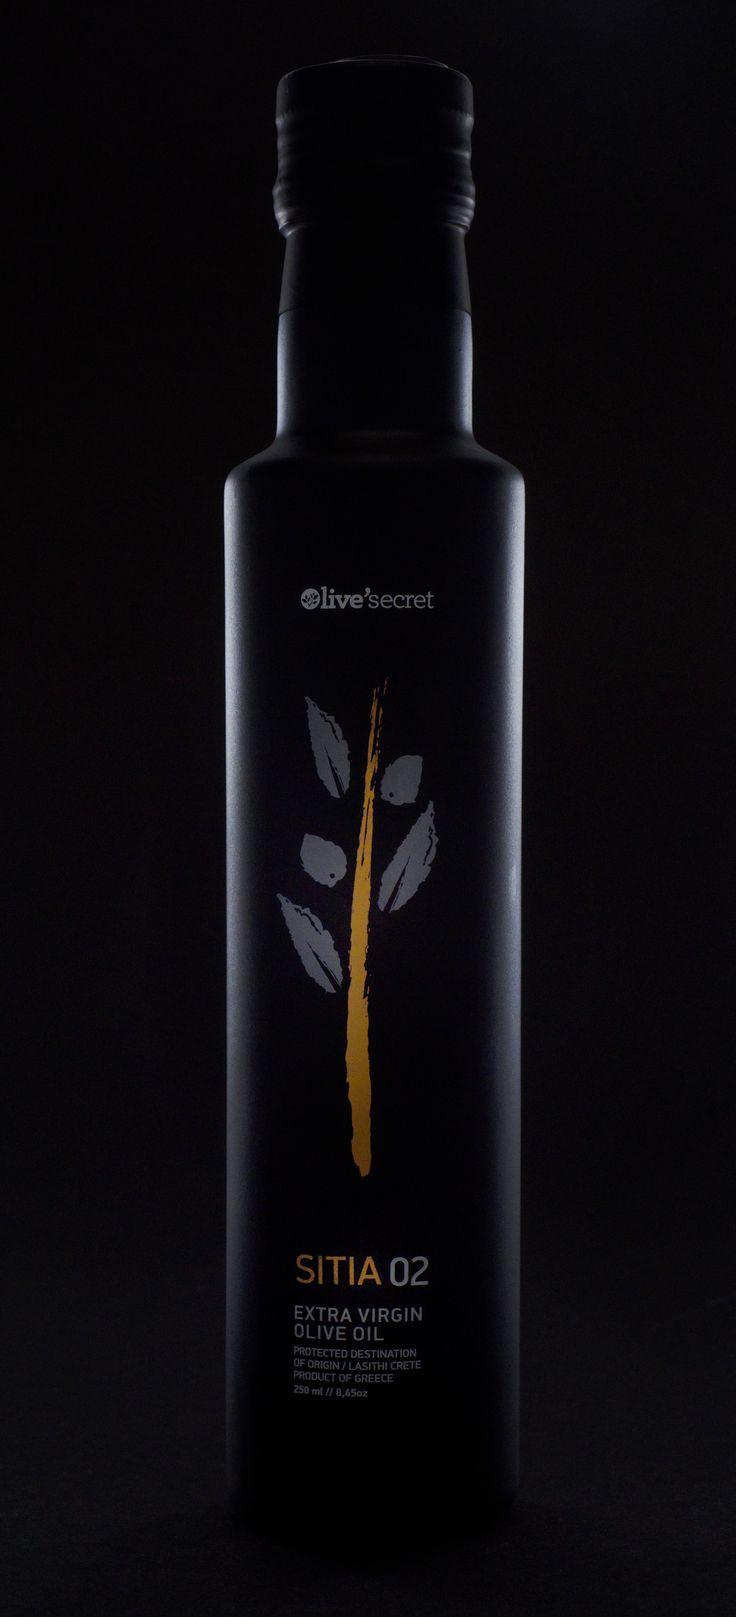 Sitia 02 Premium Extra Virgin Olive Oil.